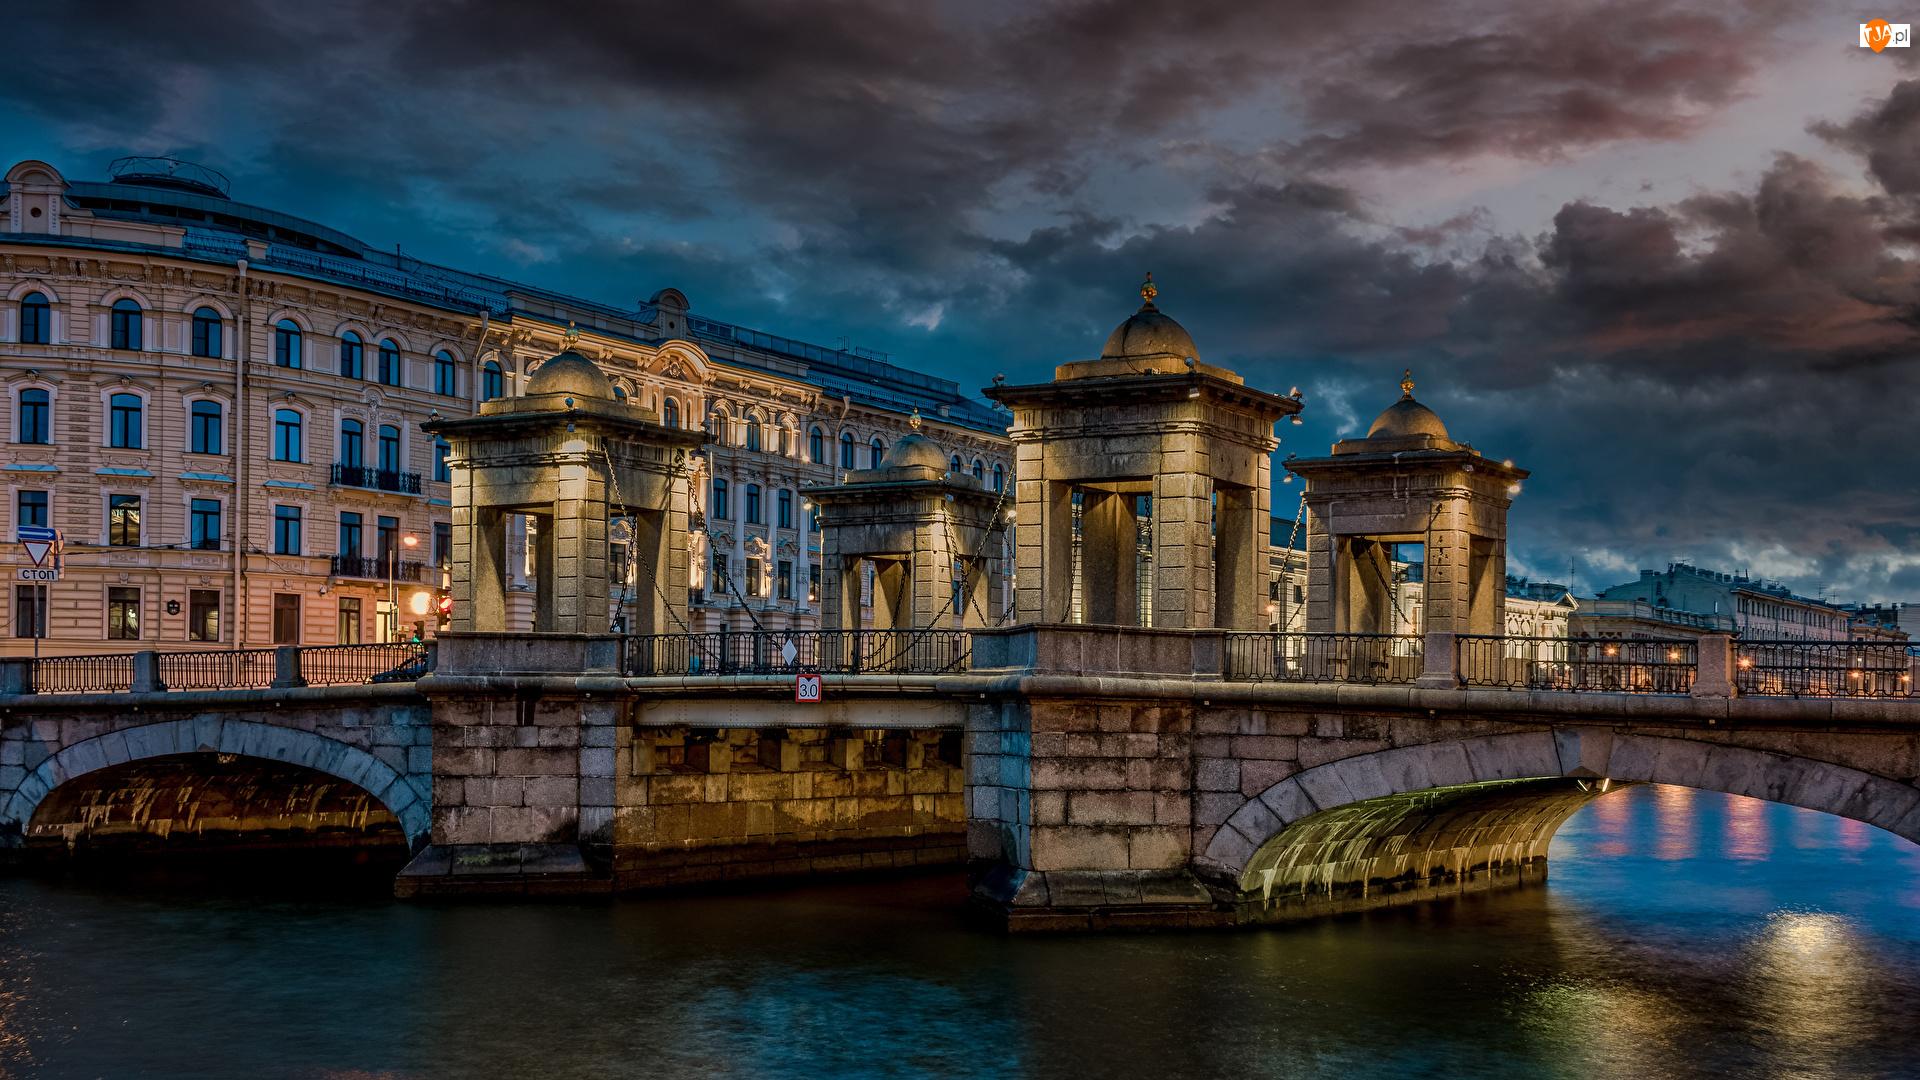 Wieczór, Most Łomonosowa, Rzeka Fontanka, Rosja, Domy, Sankt Petersburg